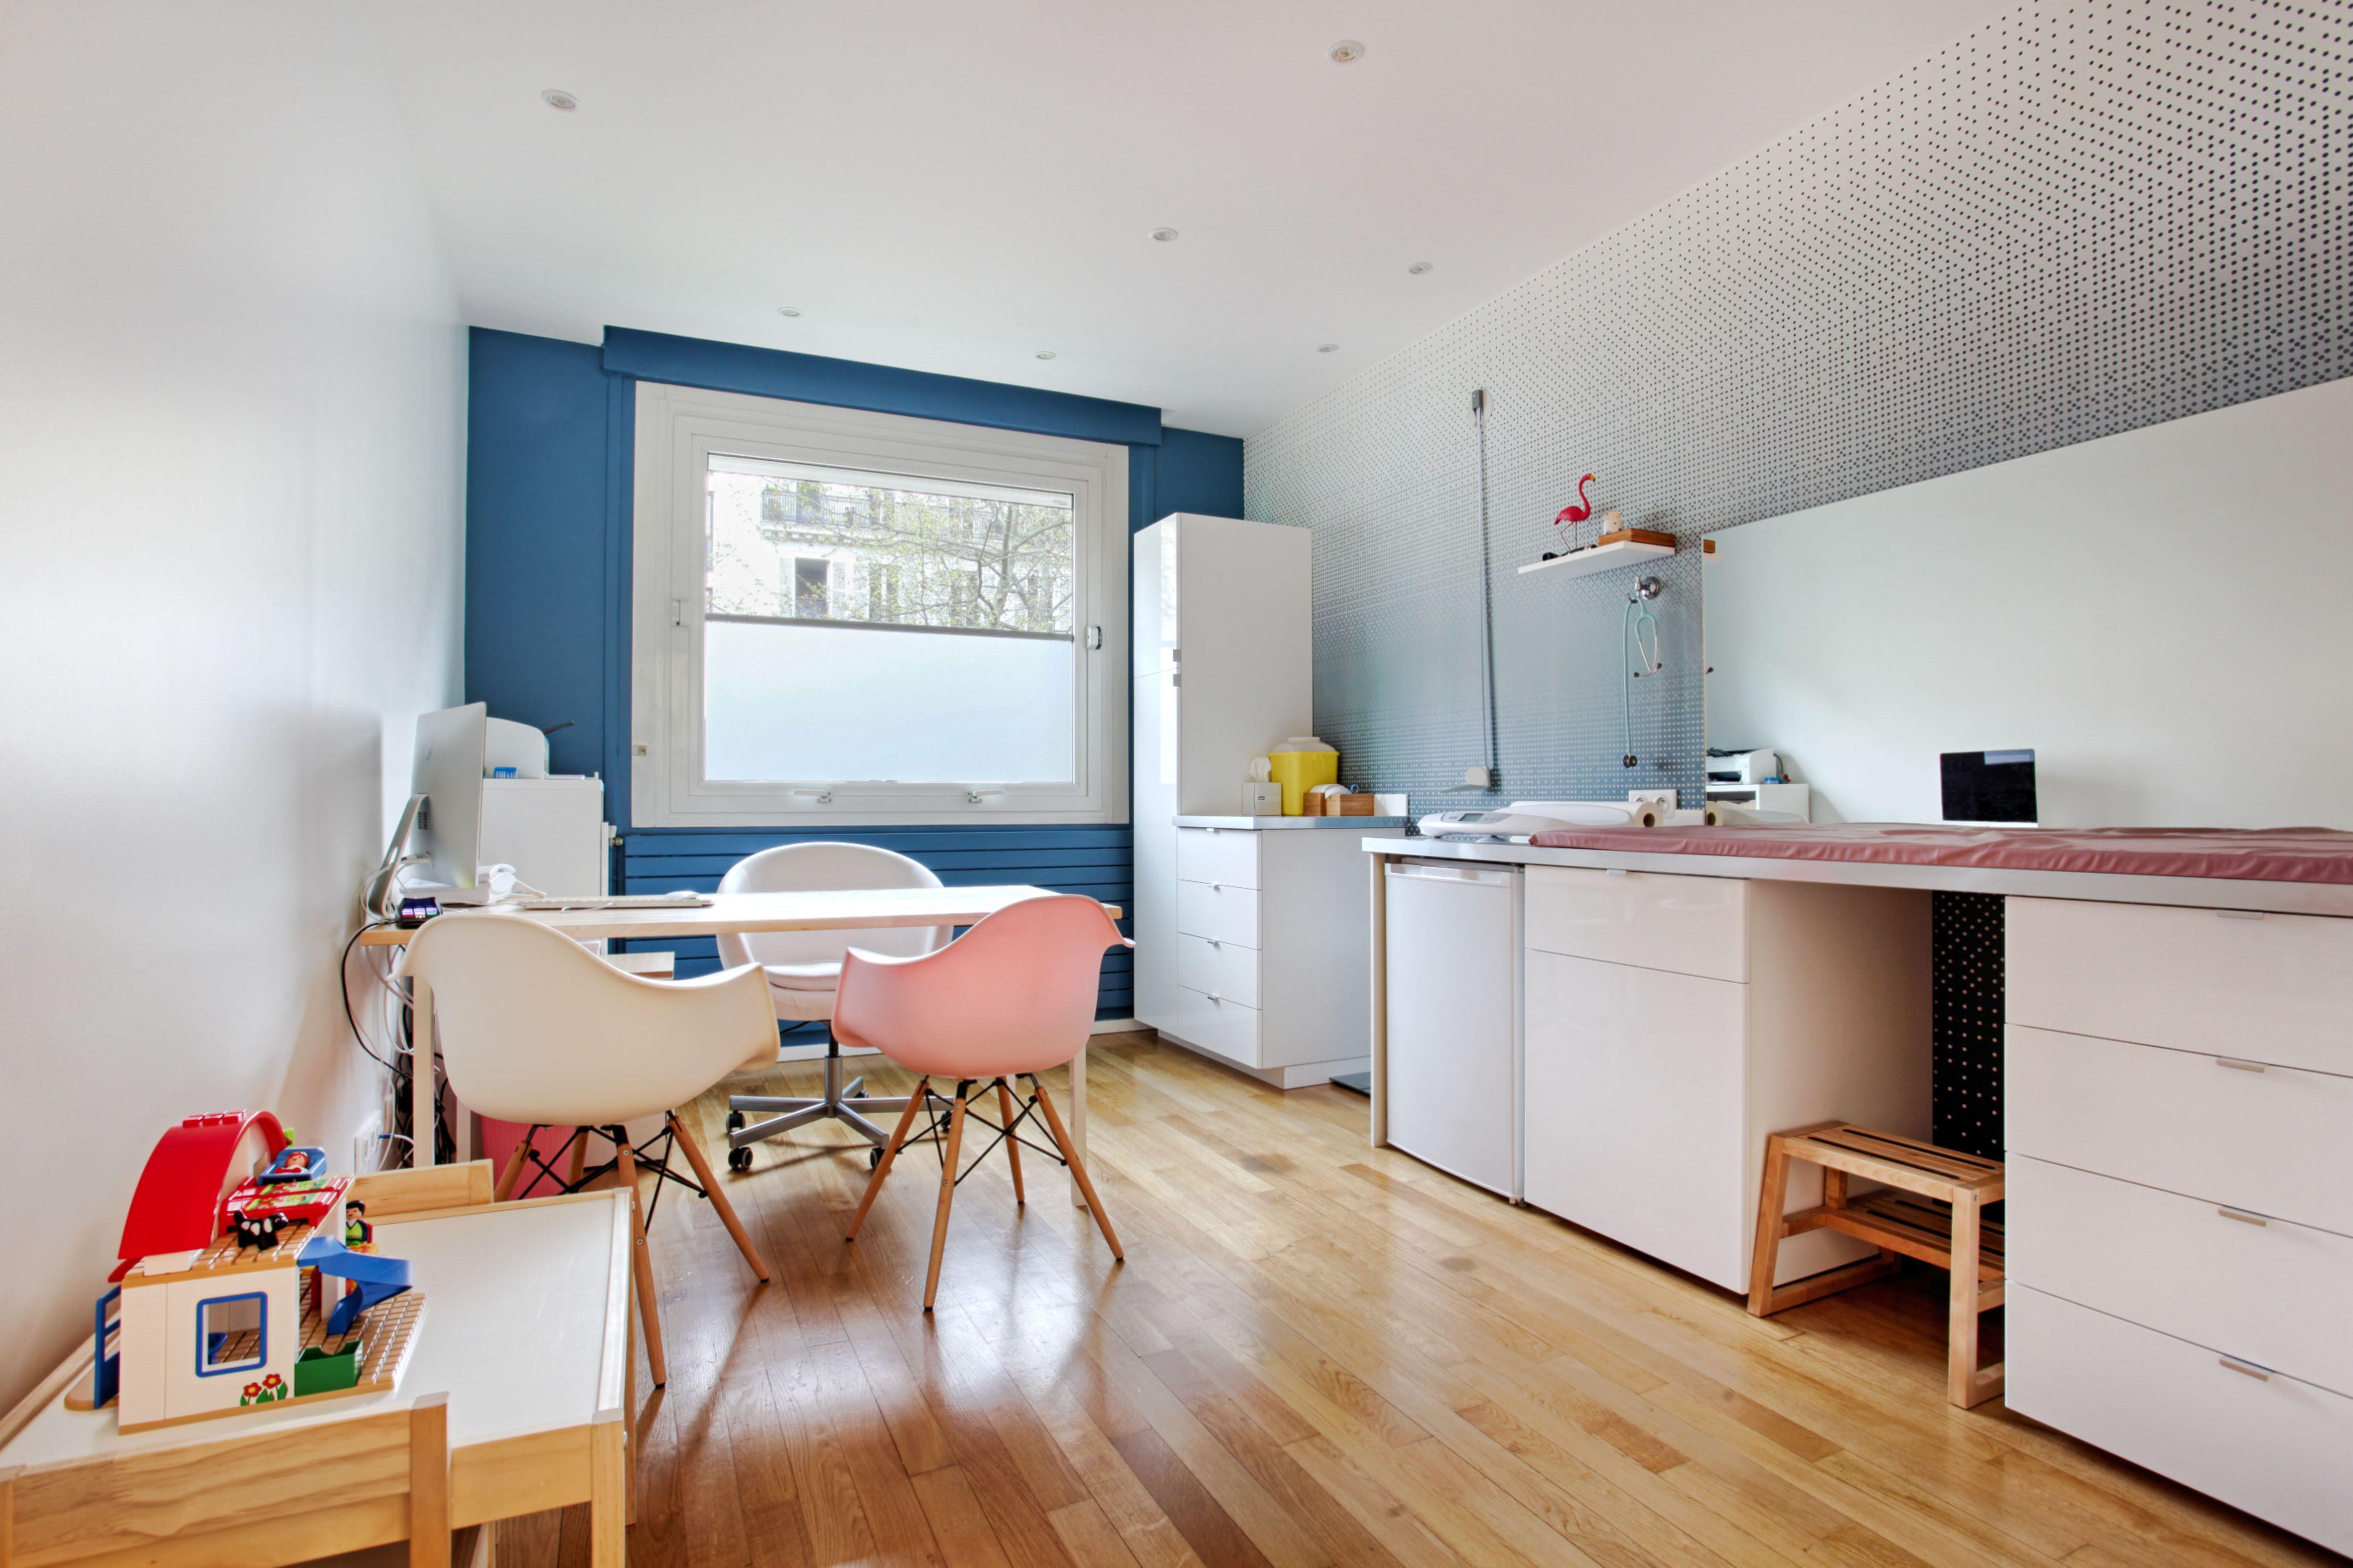 Realisation Agence Cecile Kokocinski Cabinet De Pediatre Homemade Pour Les Petits Enfants Deco Bureau Professionnel Architecte Interieur Deco Bureau